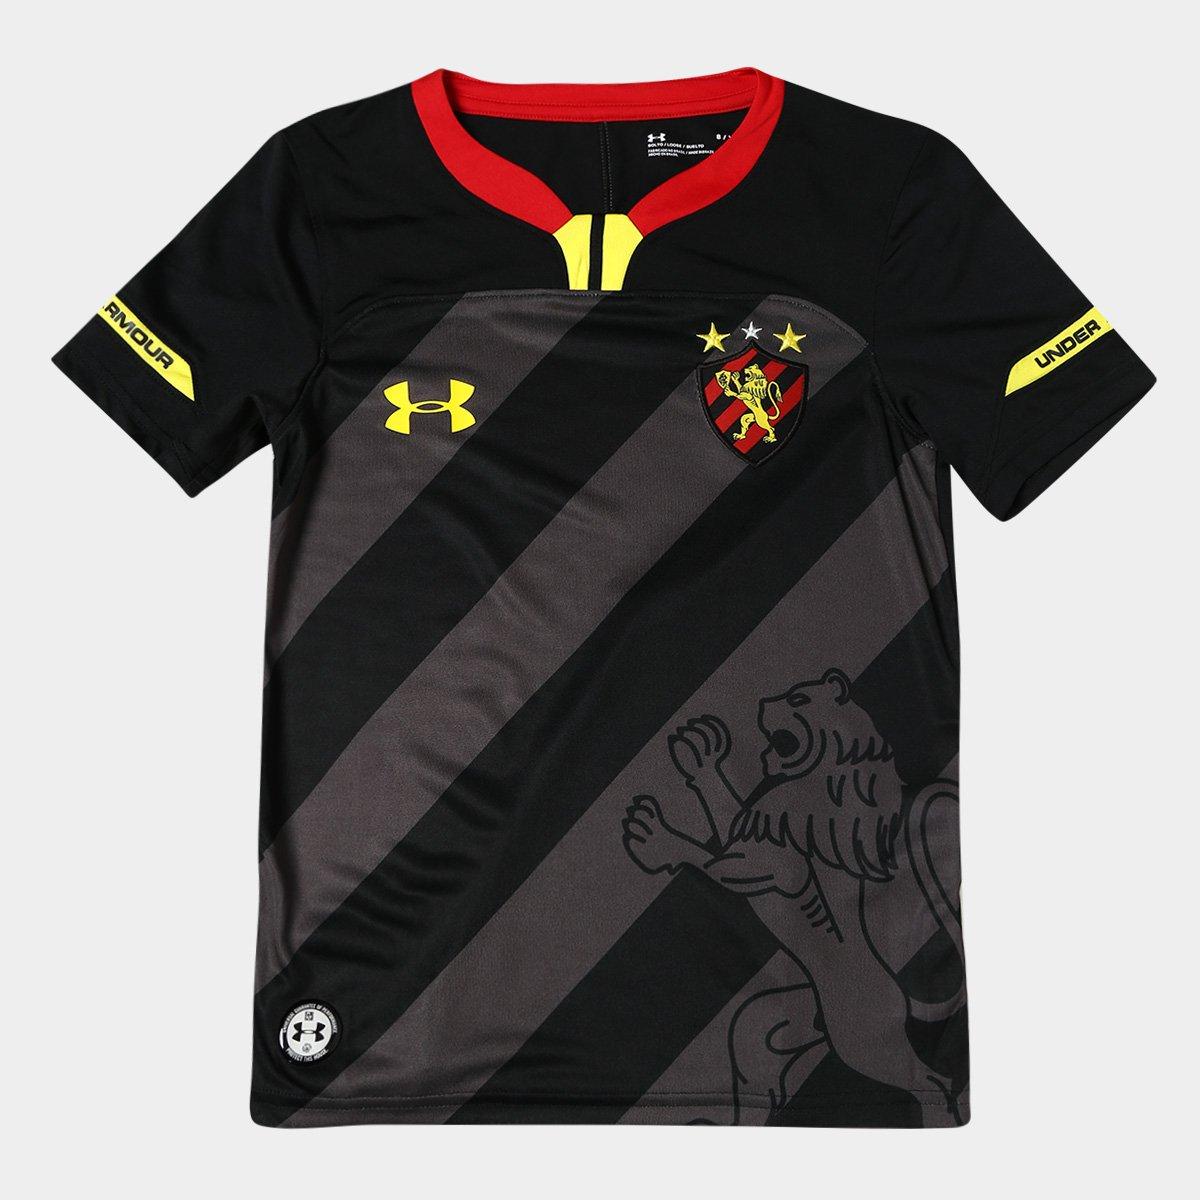 af89fa07a7d Camisa Sport Recife Infantil III 19 20 s n° - Torcedor Under Armour